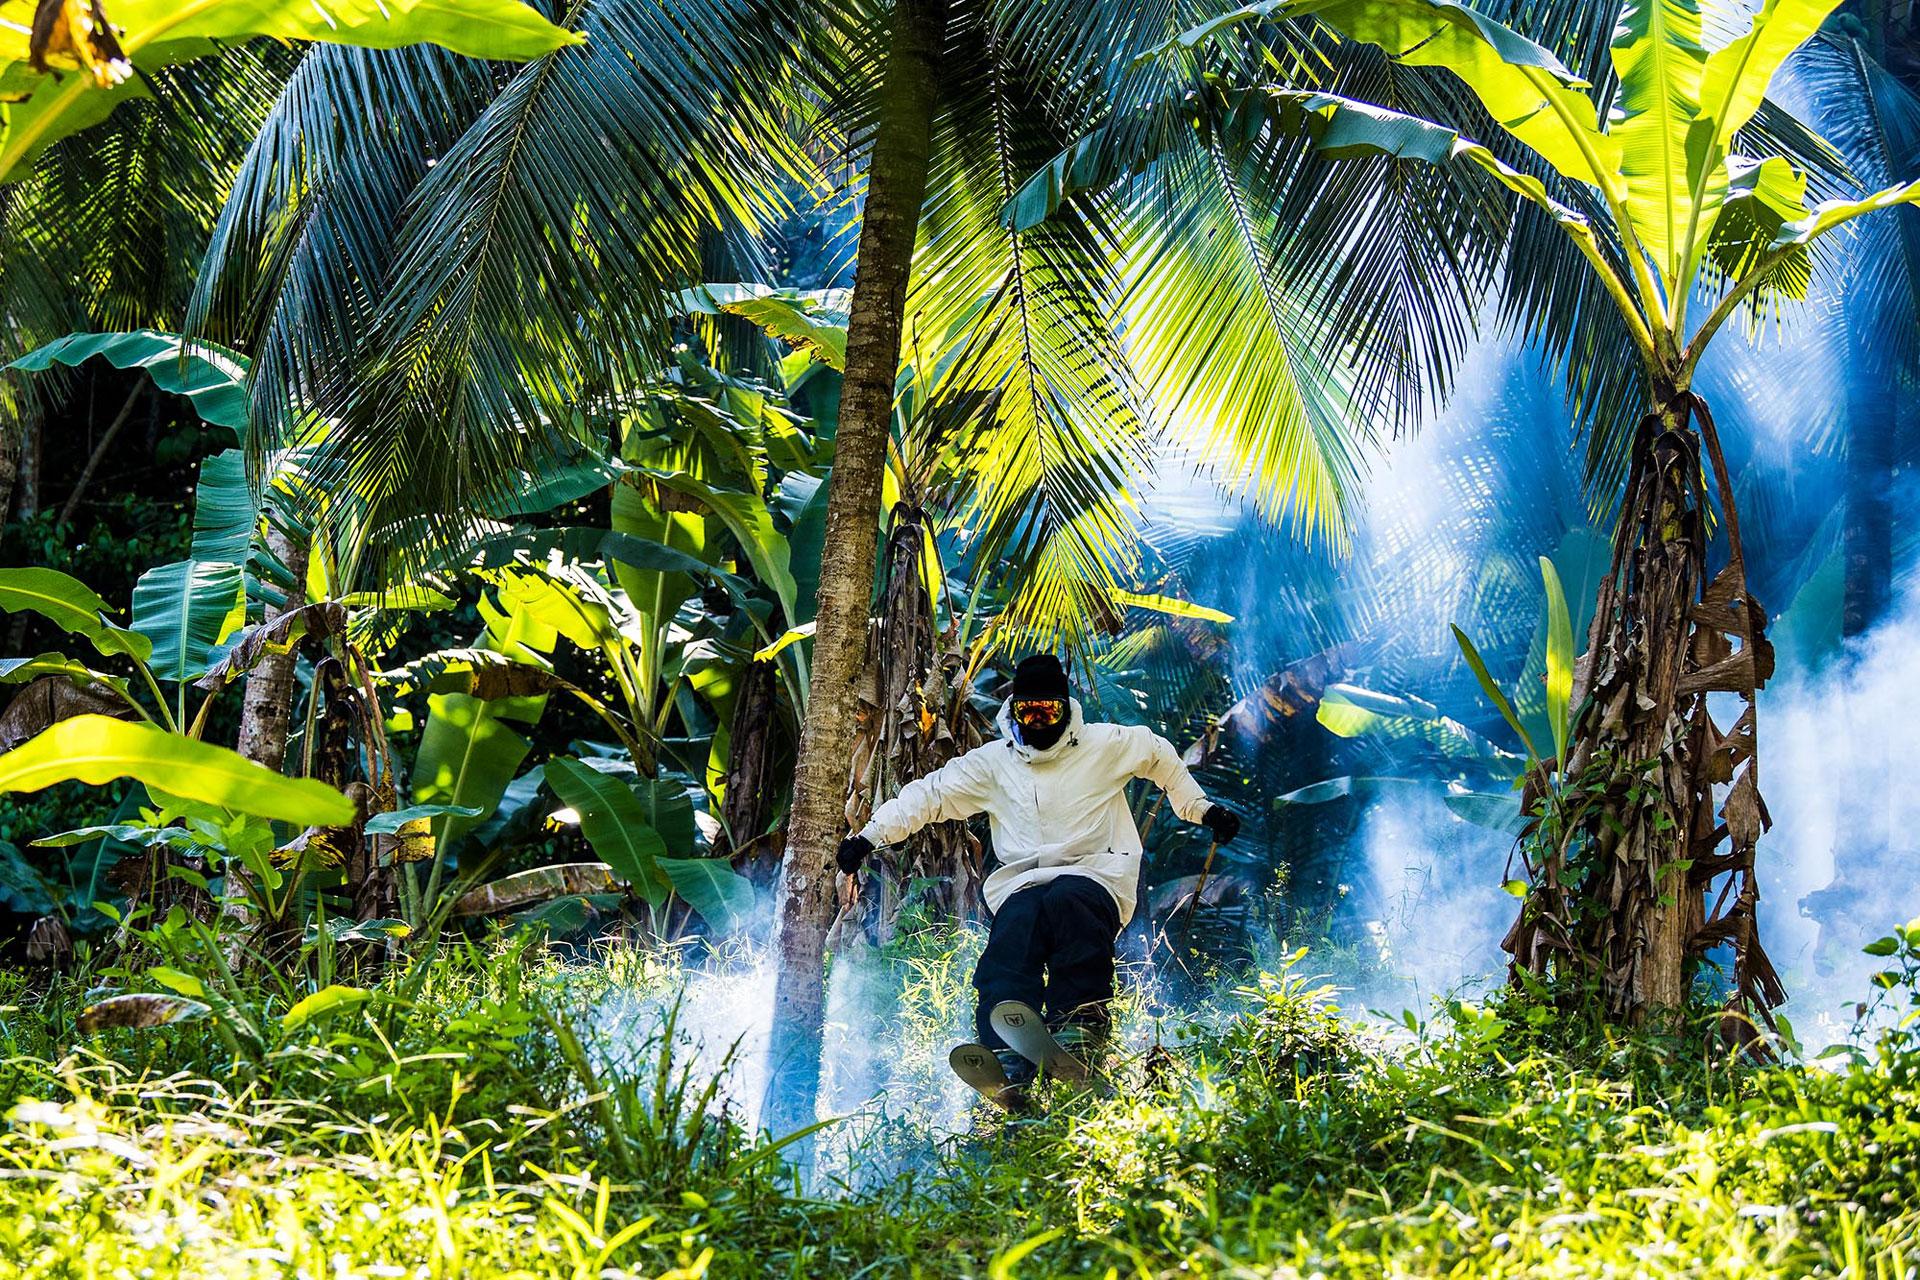 Su habilidad le permite esquiar hasta en bosques de palmeras, moviéndose en espacios reducidos.